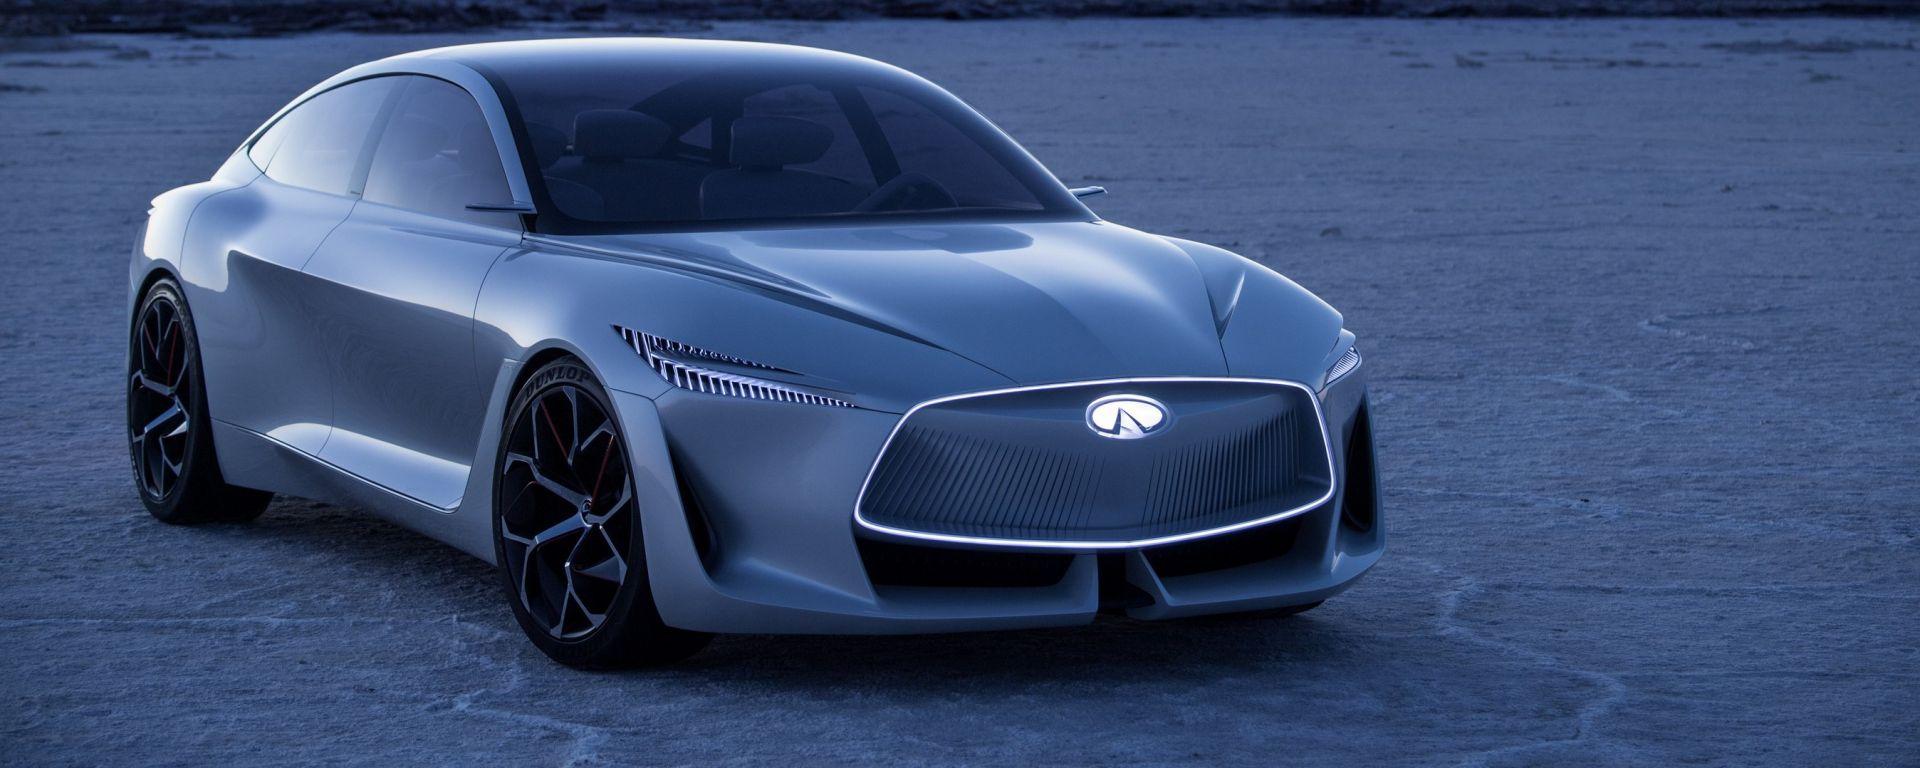 Infiniti Q Inspiration: guida autonoma e il nuovo motore VC Turbo